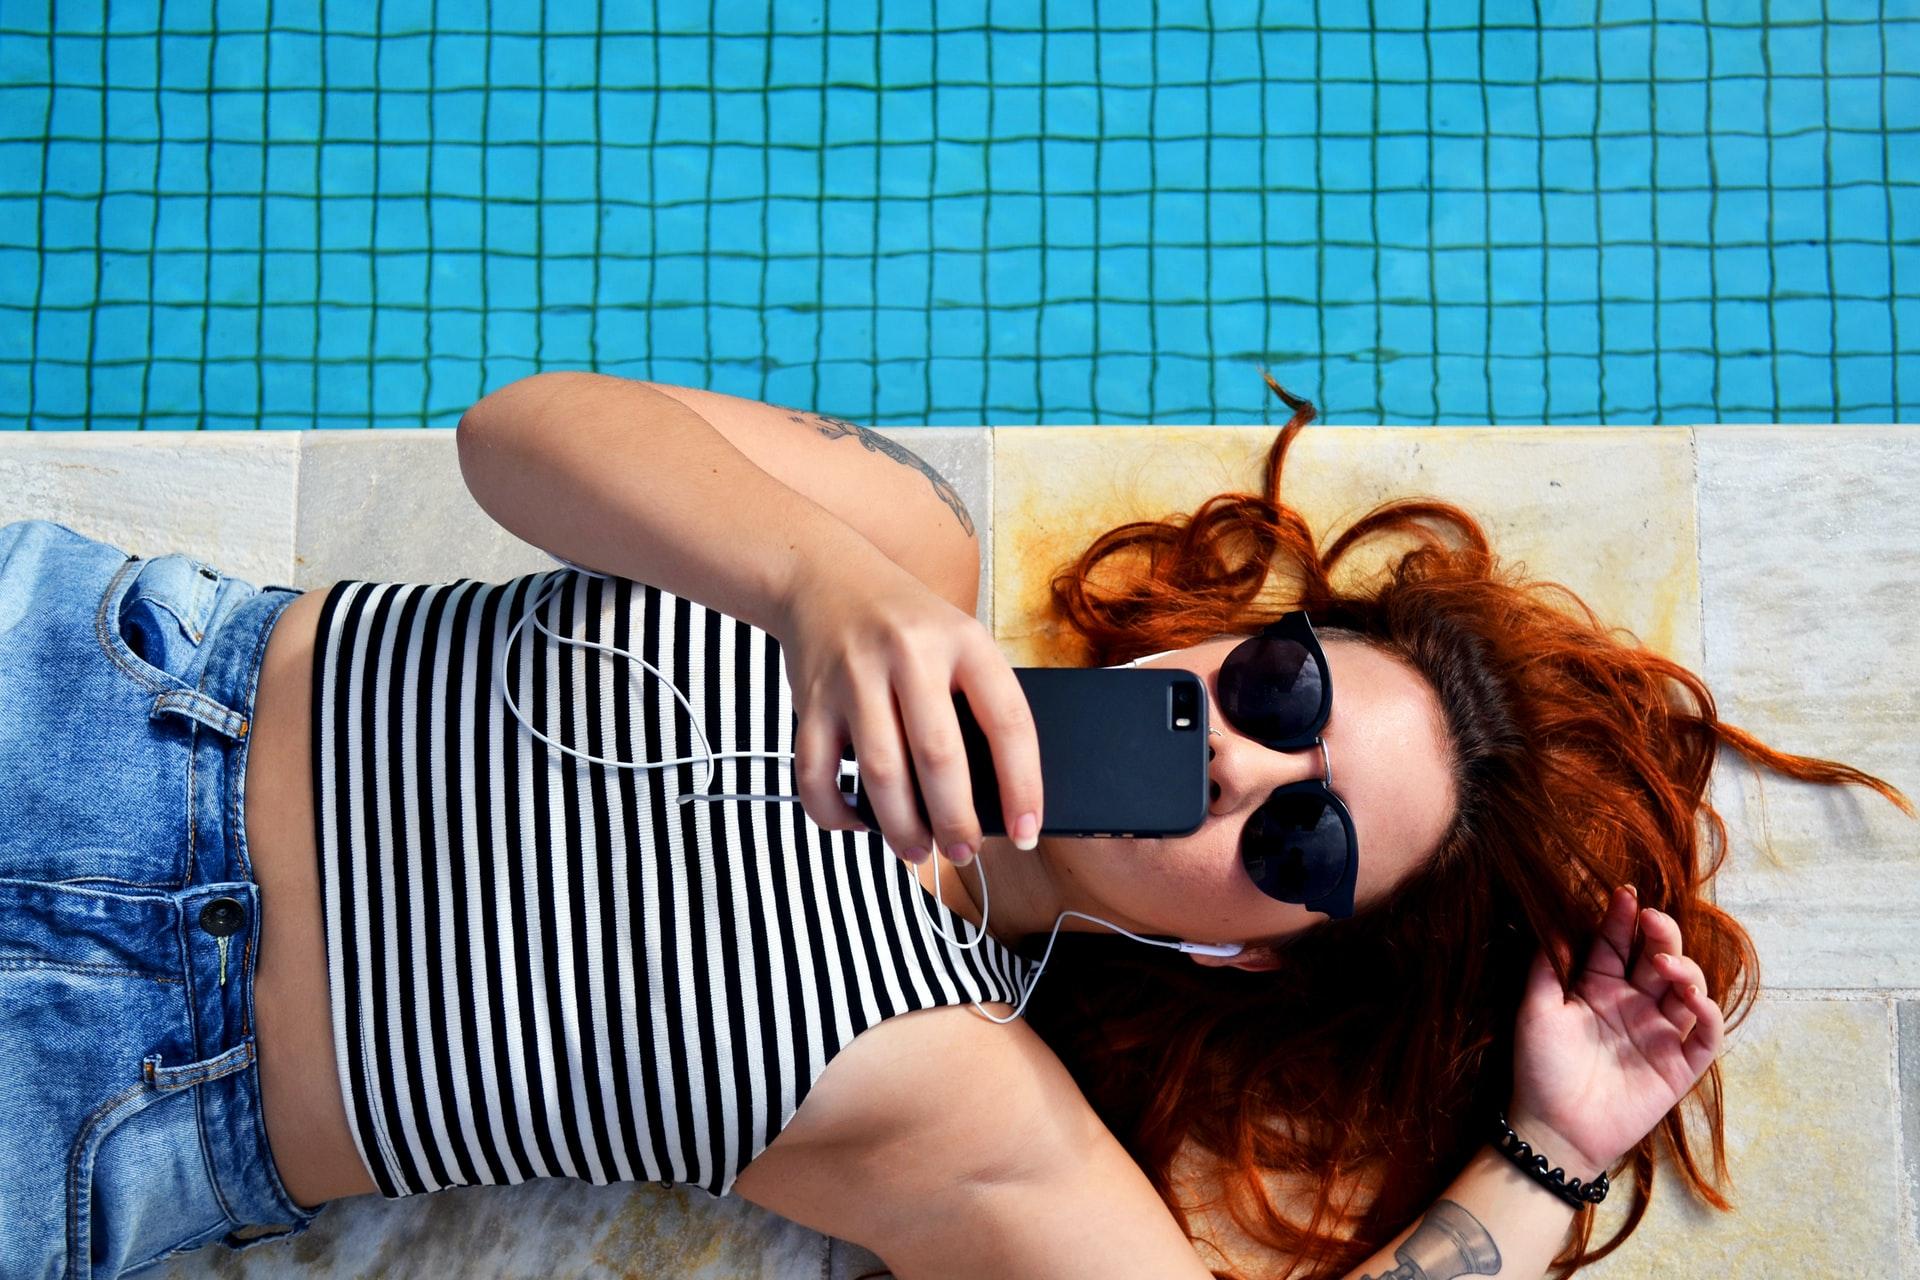 adolescente deitada à beira da piscina